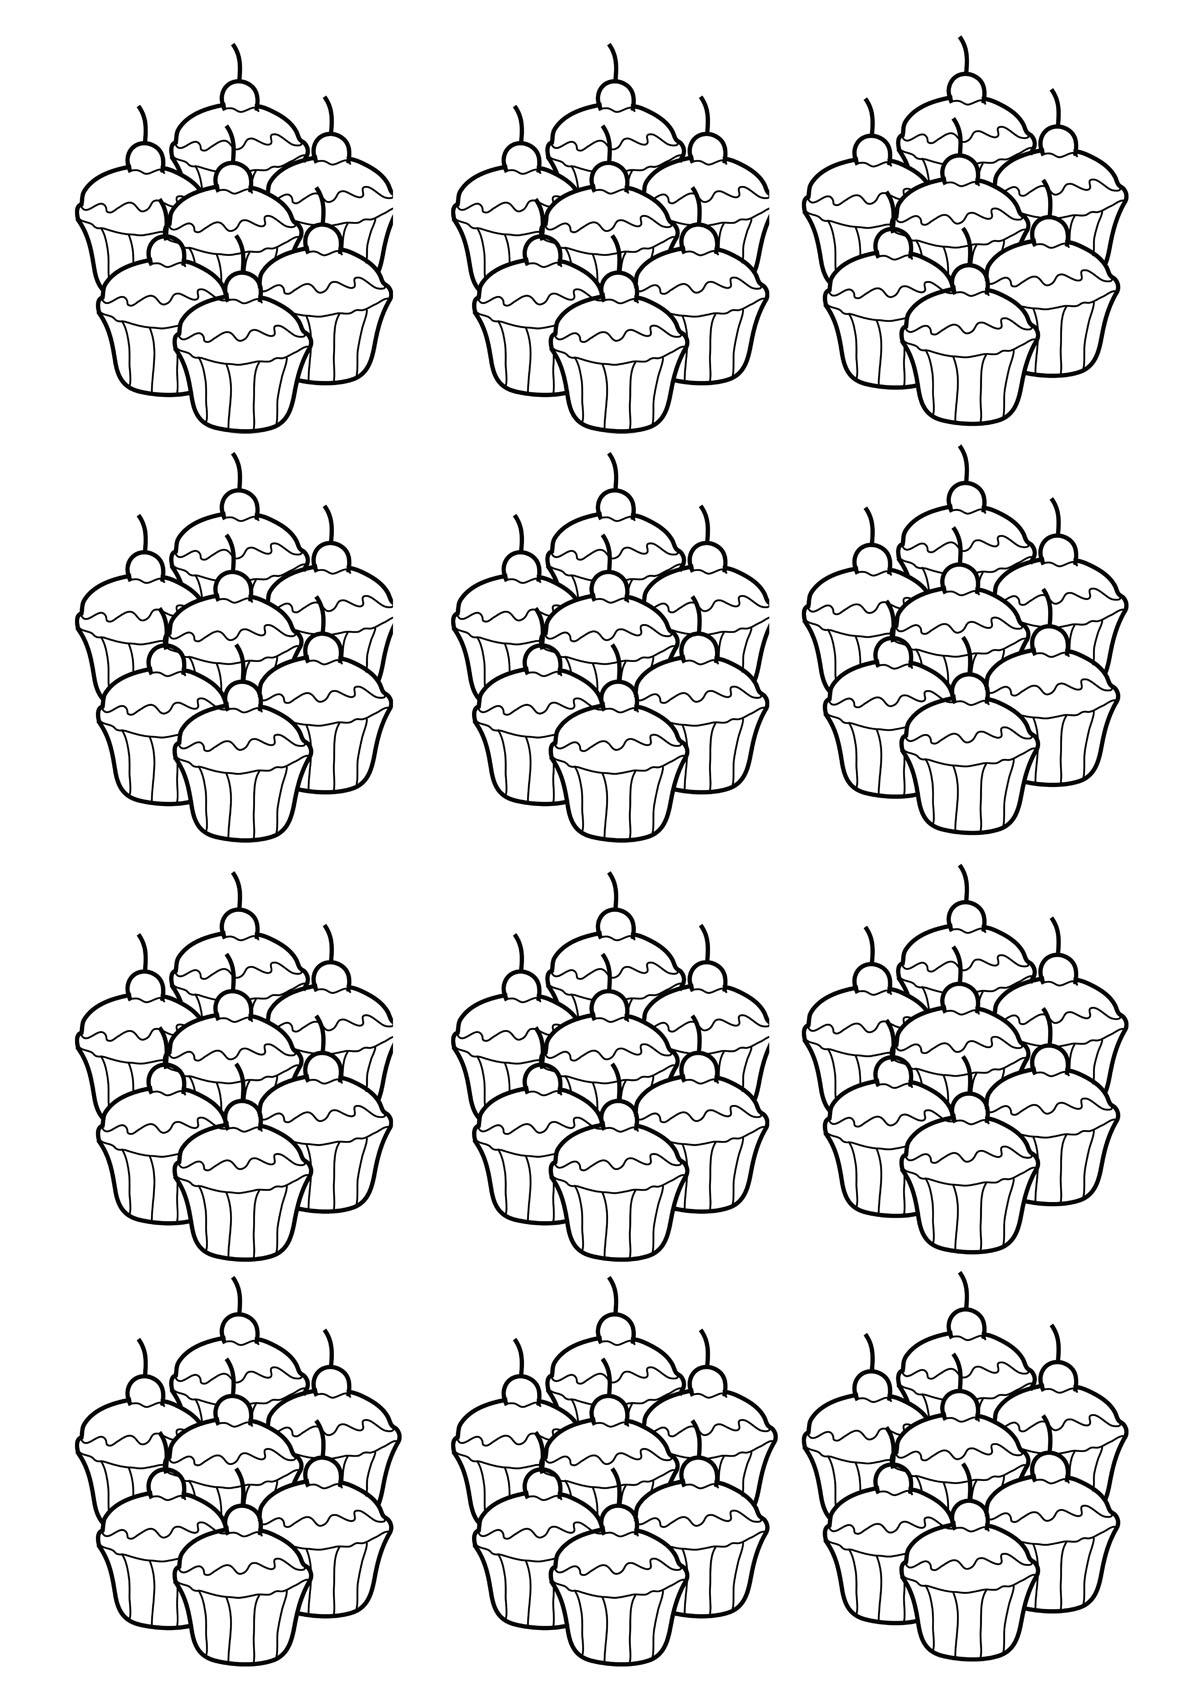 Cupcakes mosaique cupcakes et g teaux coloriages - Dessin mosaique a imprimer ...